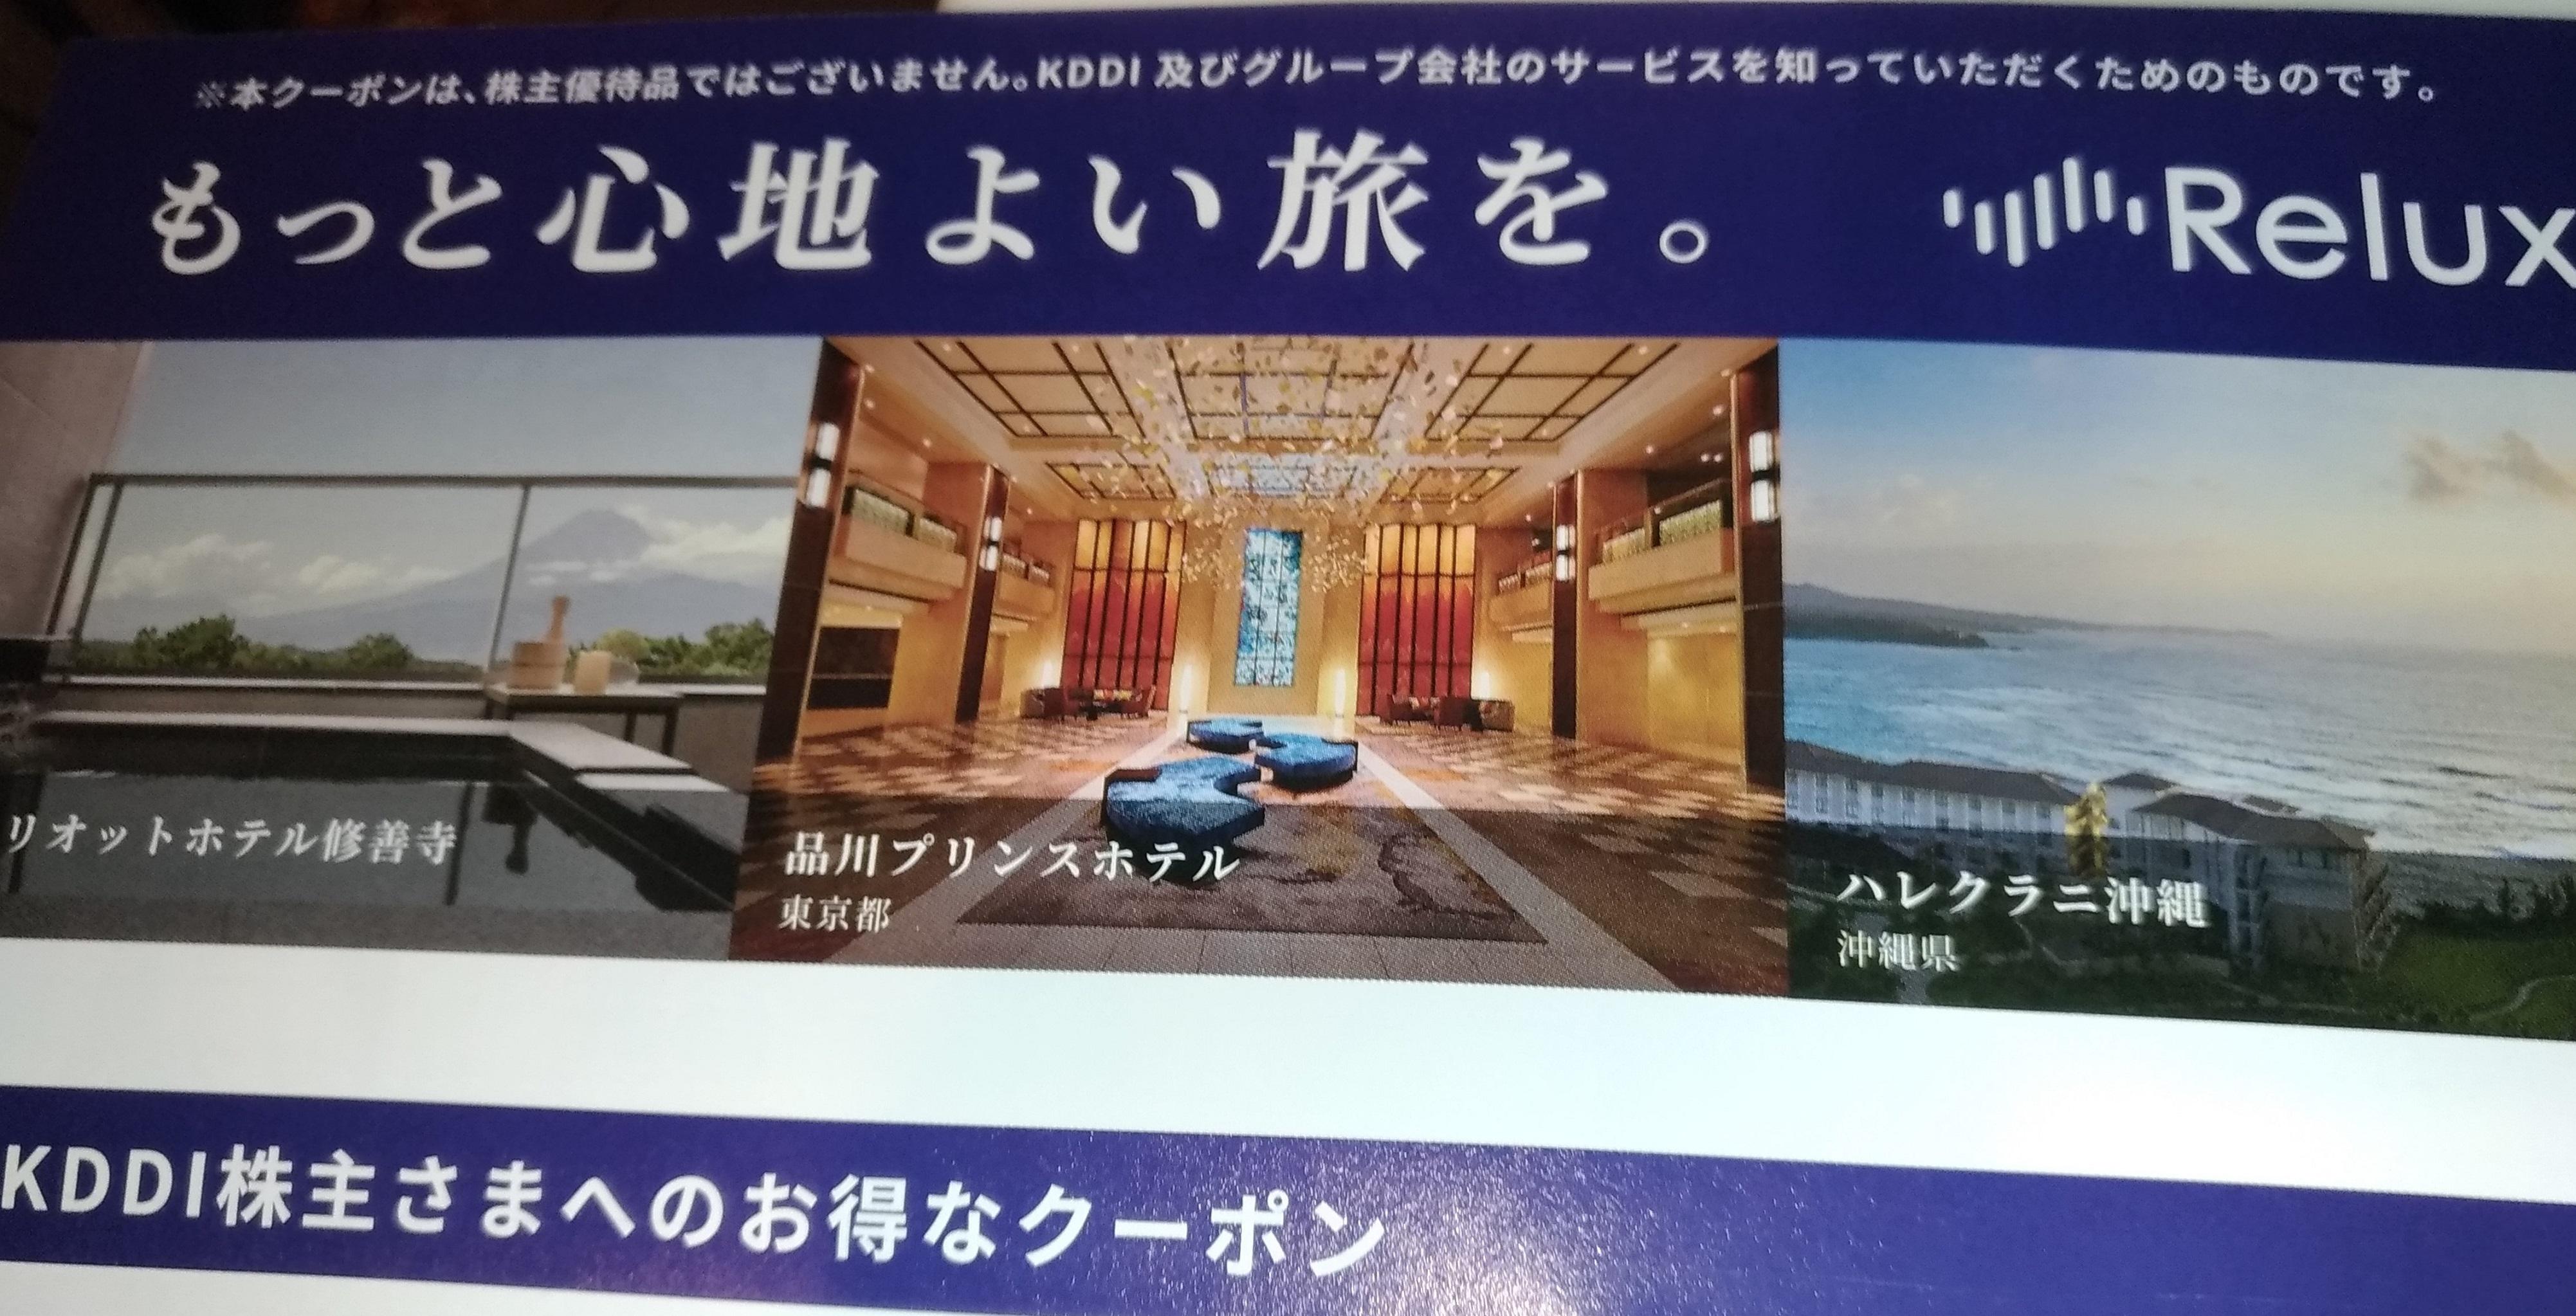 kabu_kddi_au_haito_blogs1203_2.jpg